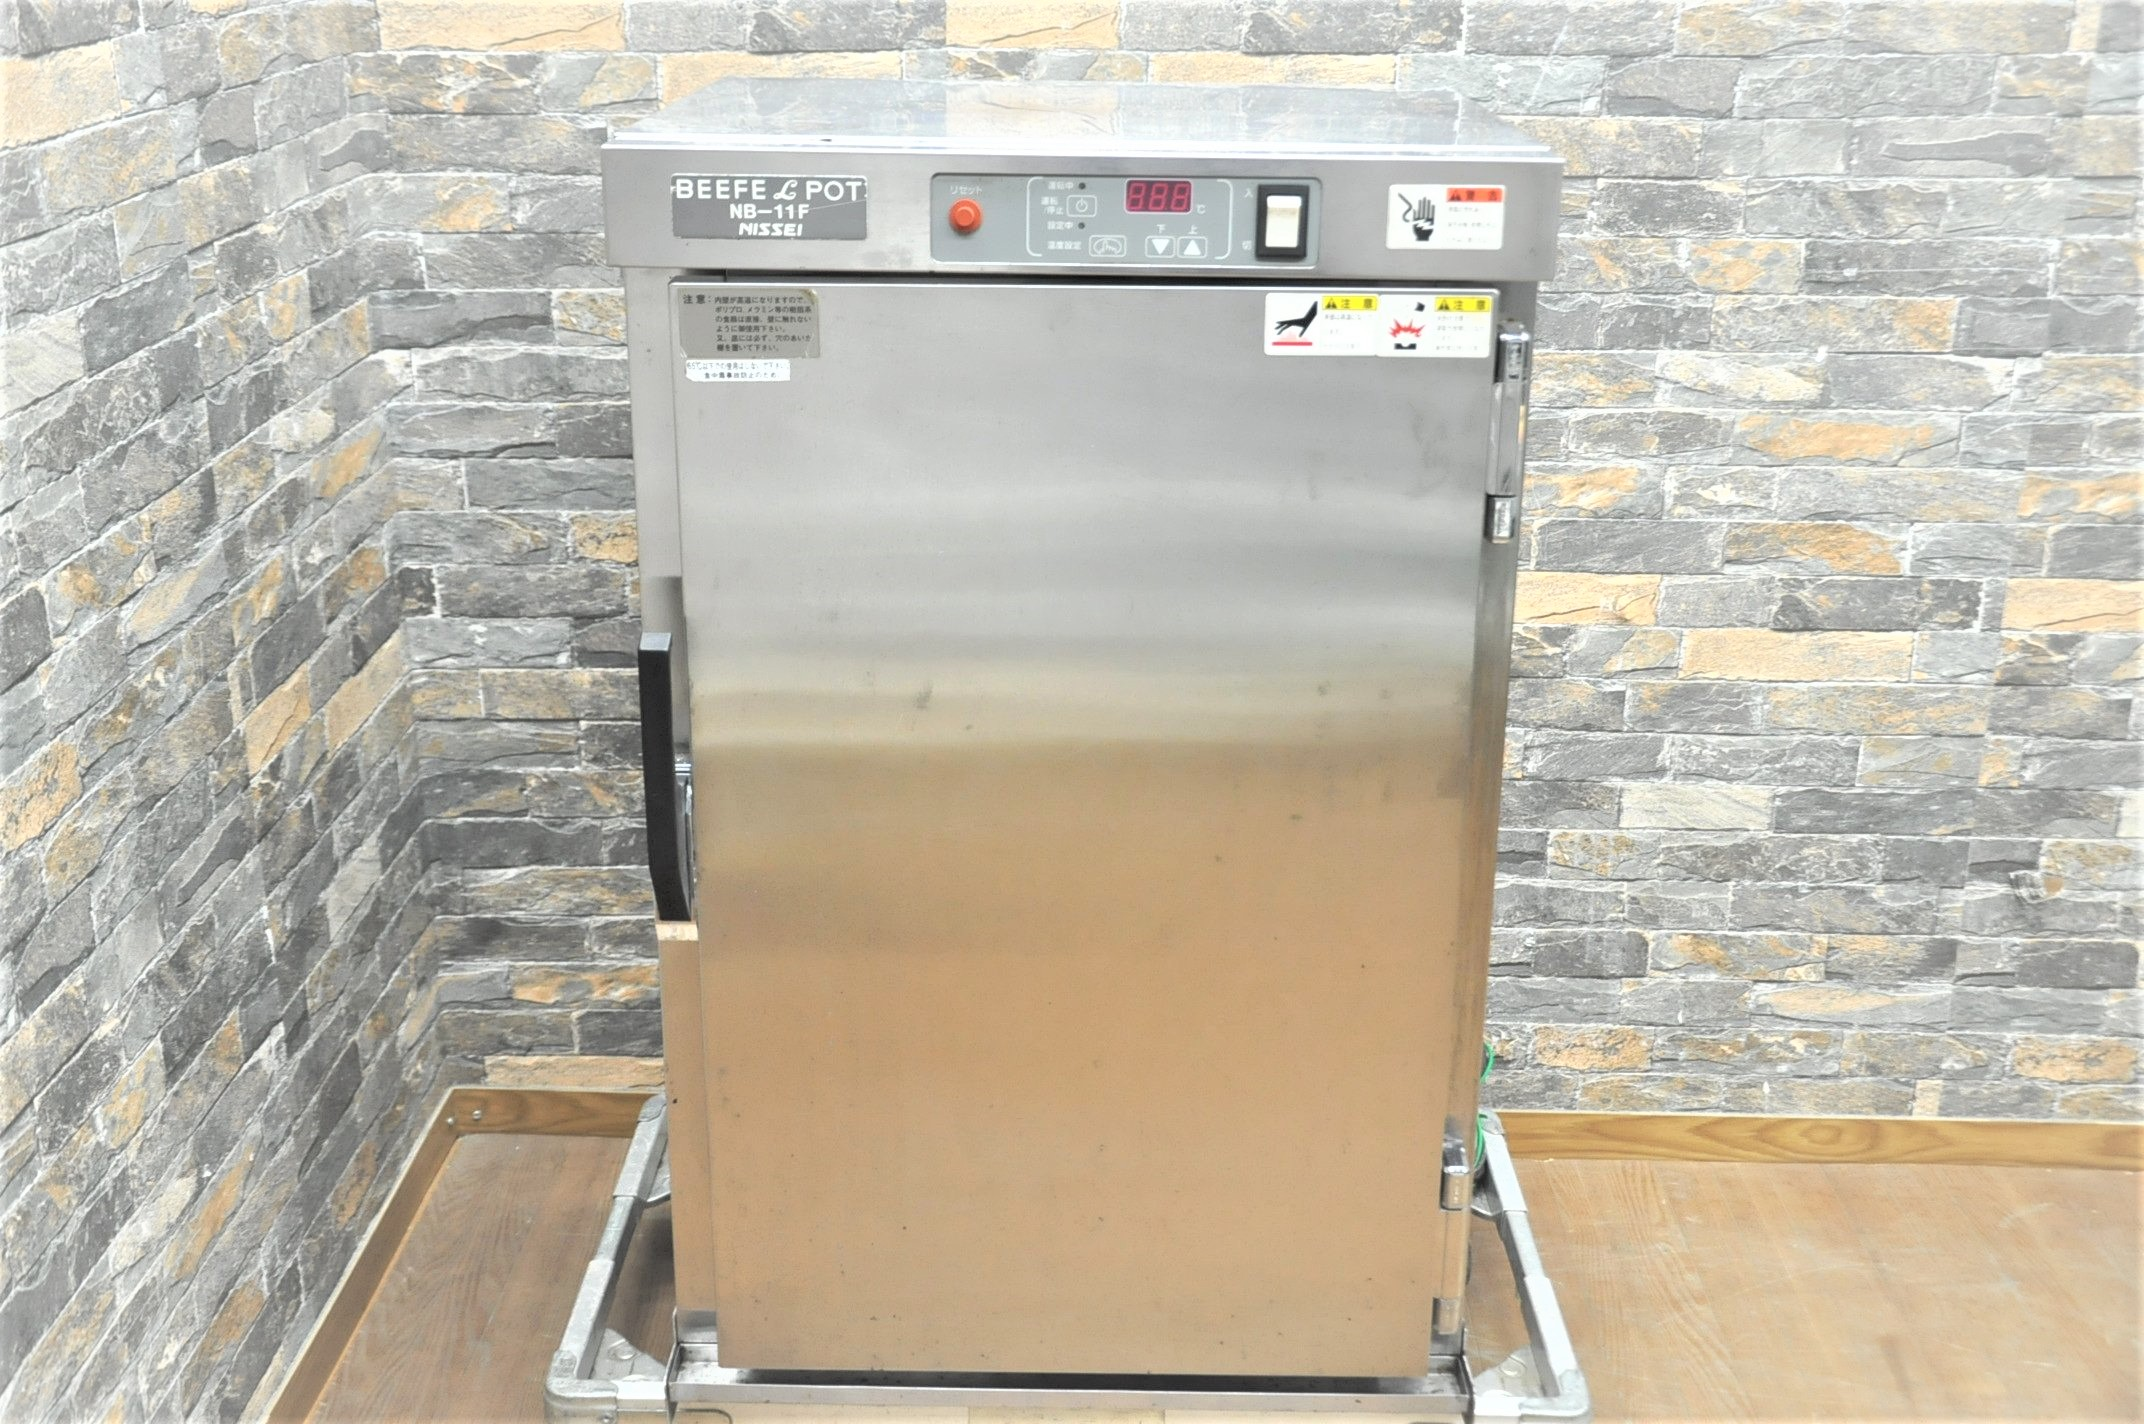 アンナカ 電気ビーフェポット NB-11F 電気温蔵庫 5段 100Vを買い取りました!(^_-)-☆